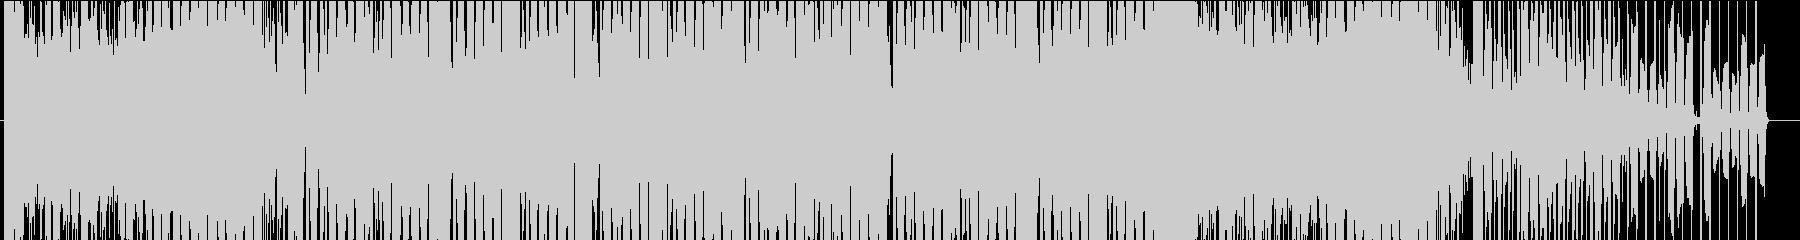 イナズマ級パリピ◆EDM!パワフル低音③の未再生の波形